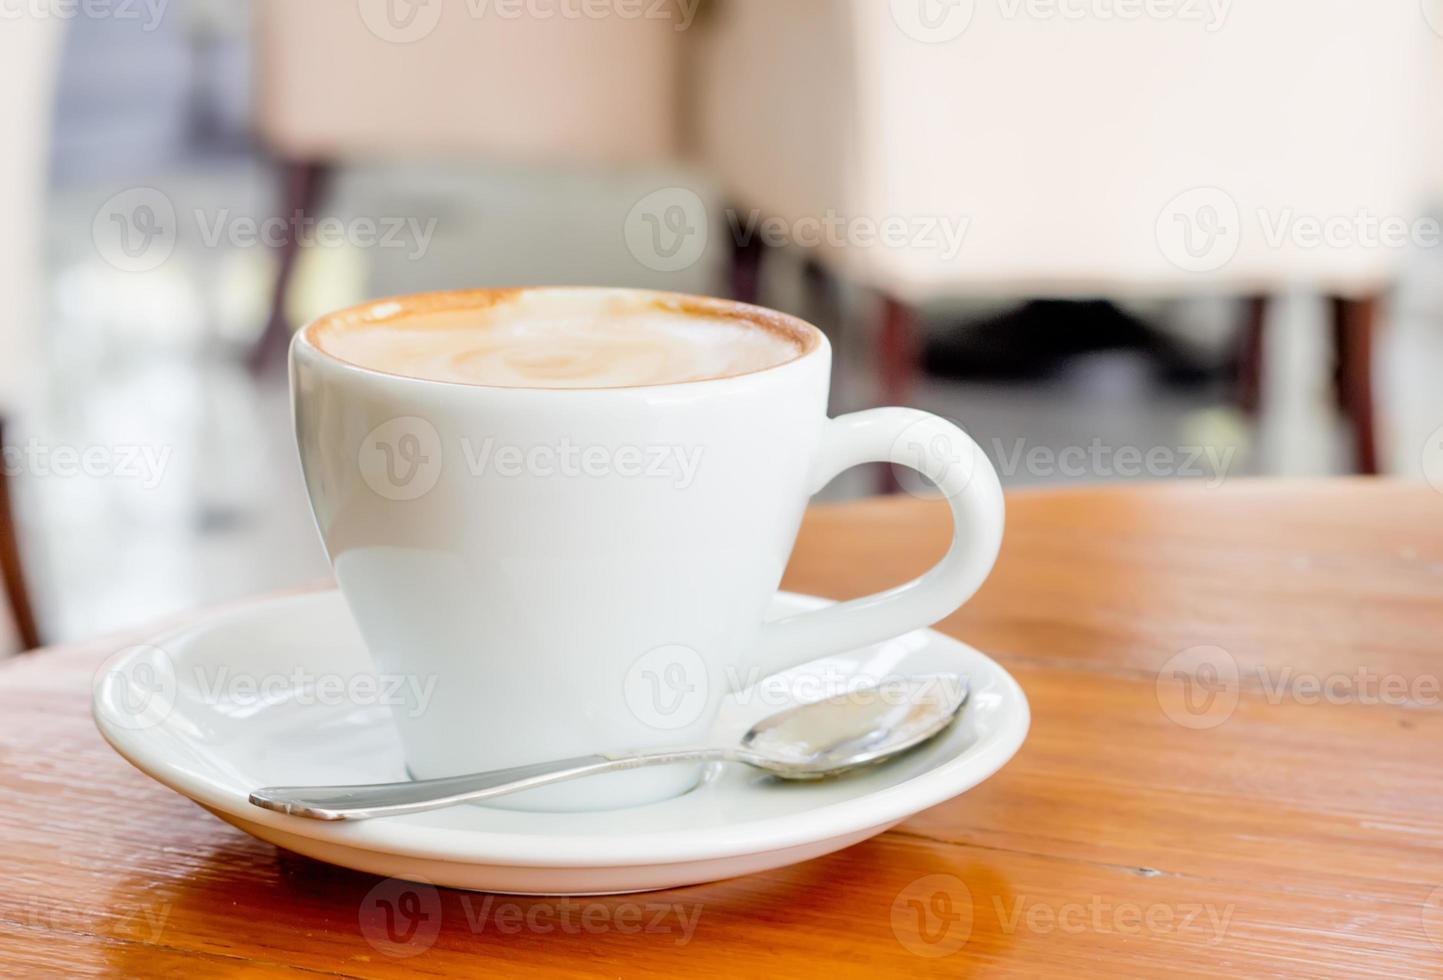 tasse de café au lait sur le bureau en bois photo